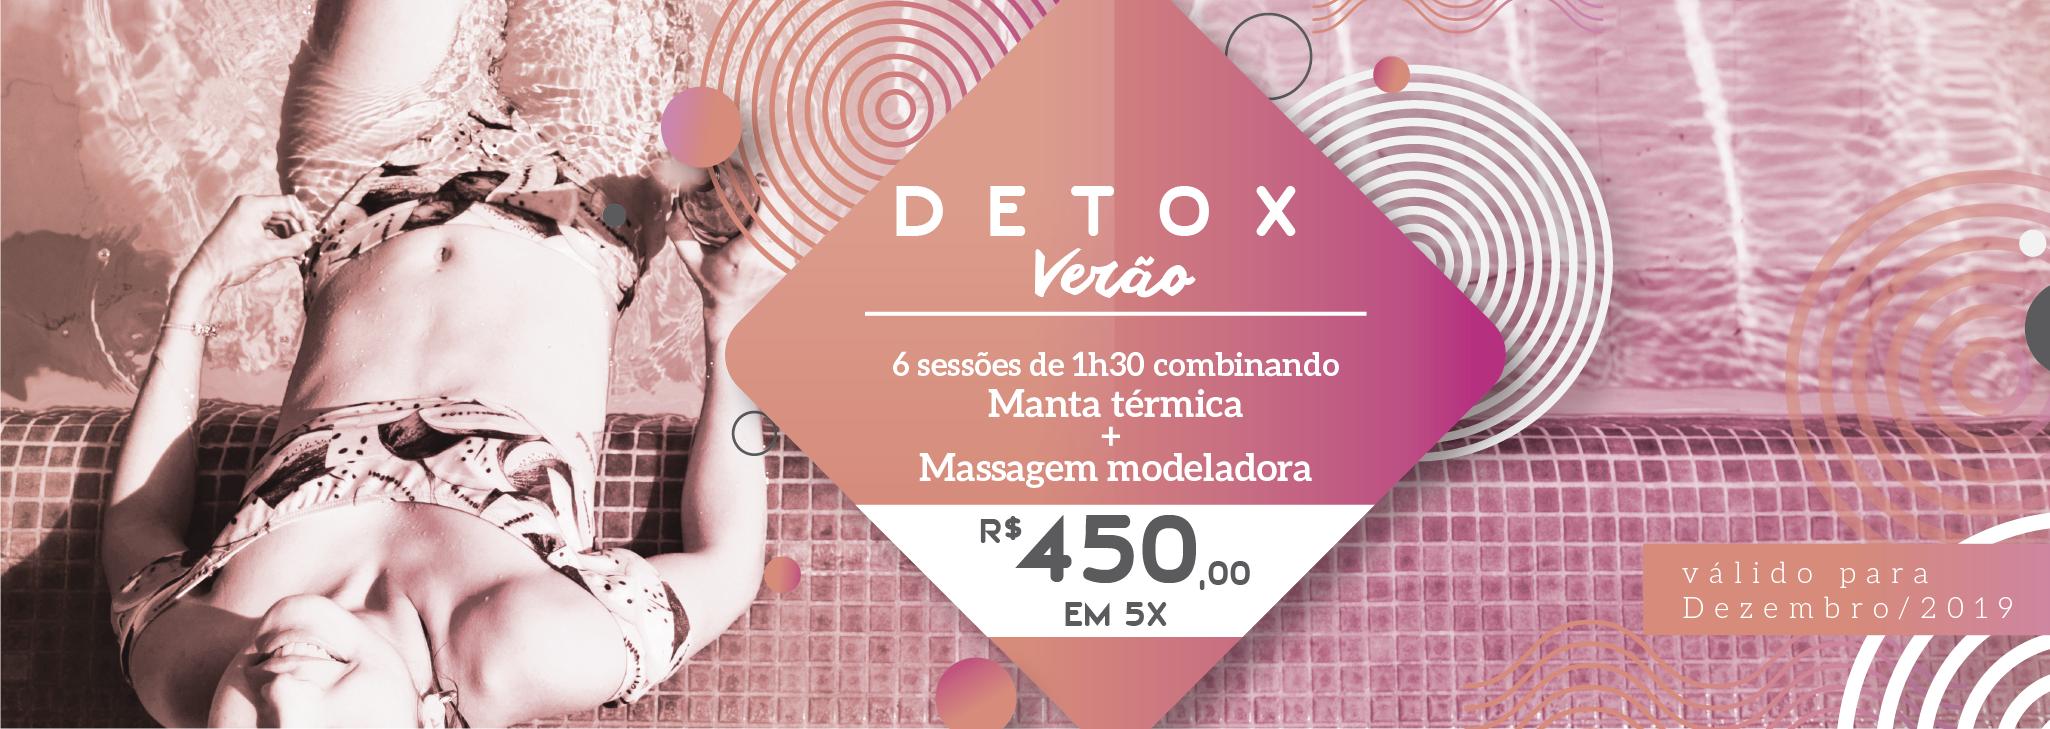 VF-Dez-Pacote-Detox-03